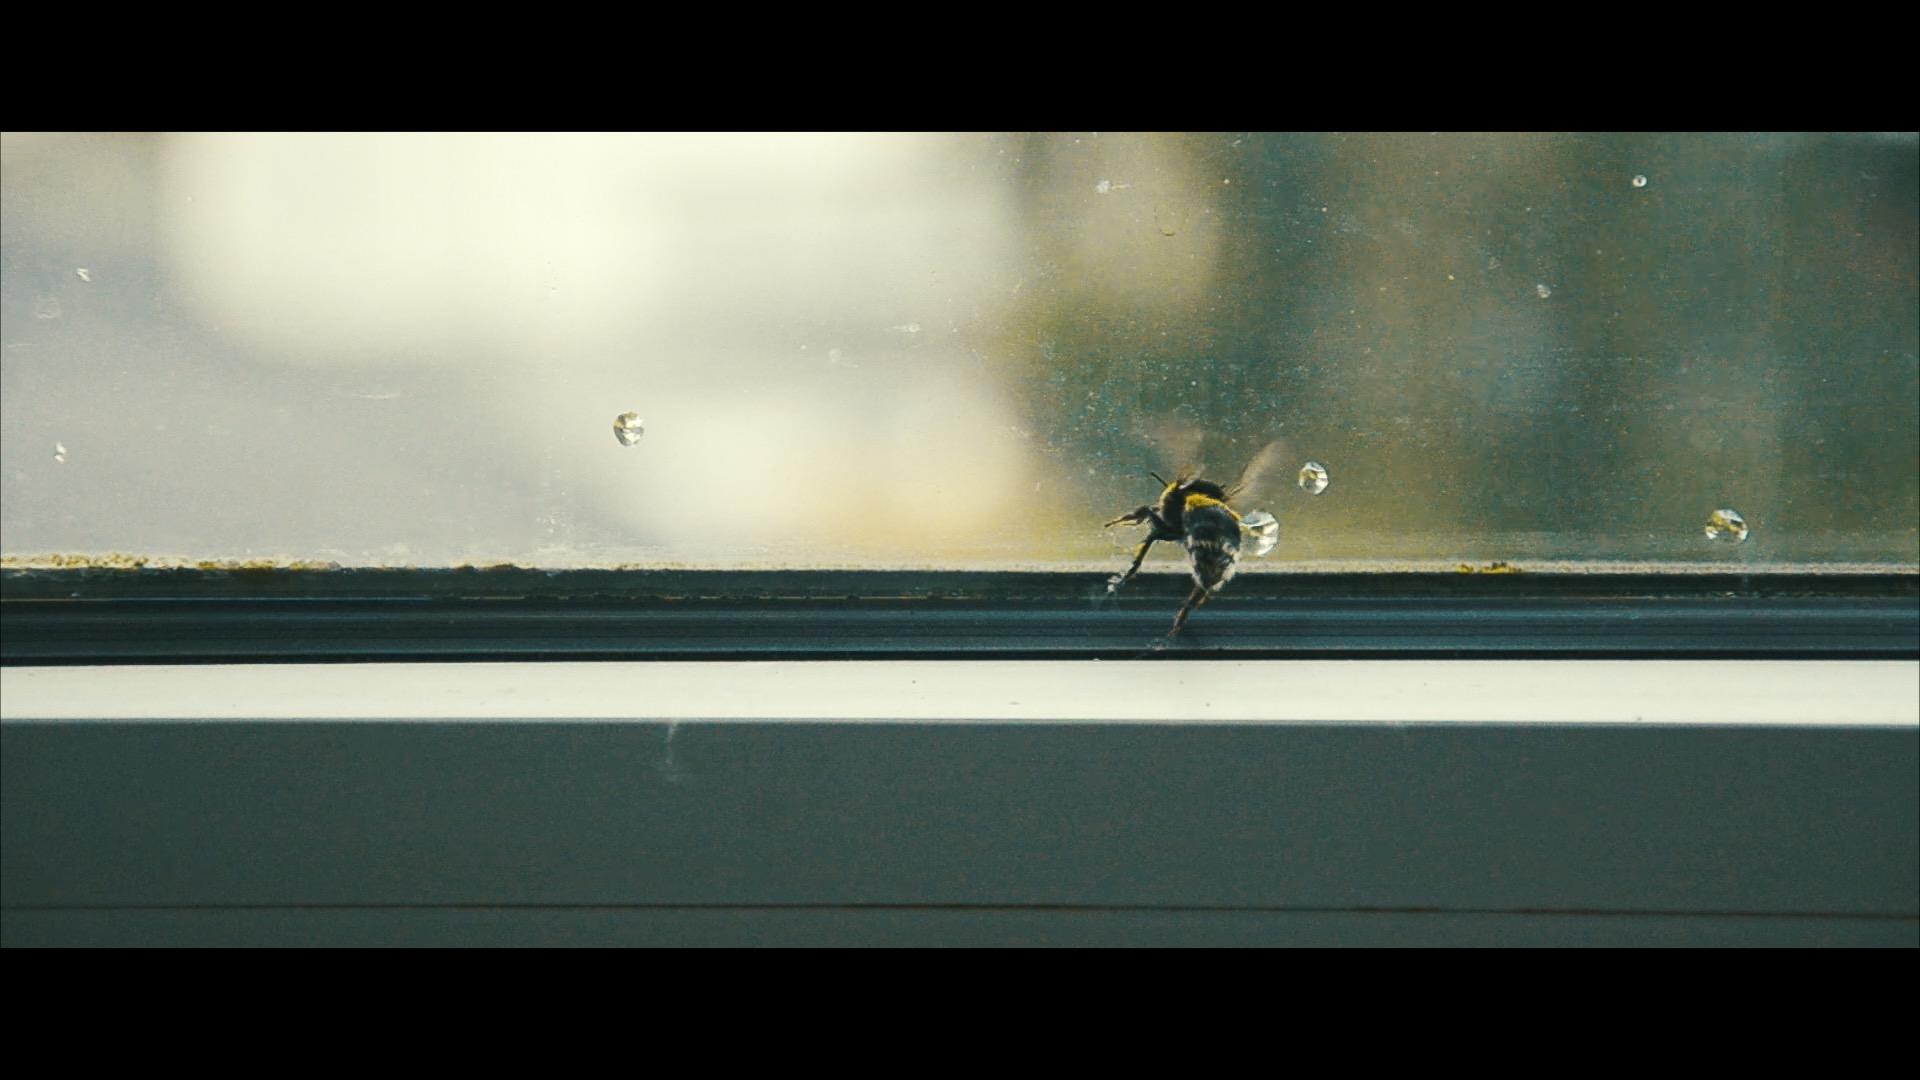 Drunken Bee Slow Motion 10% Speed